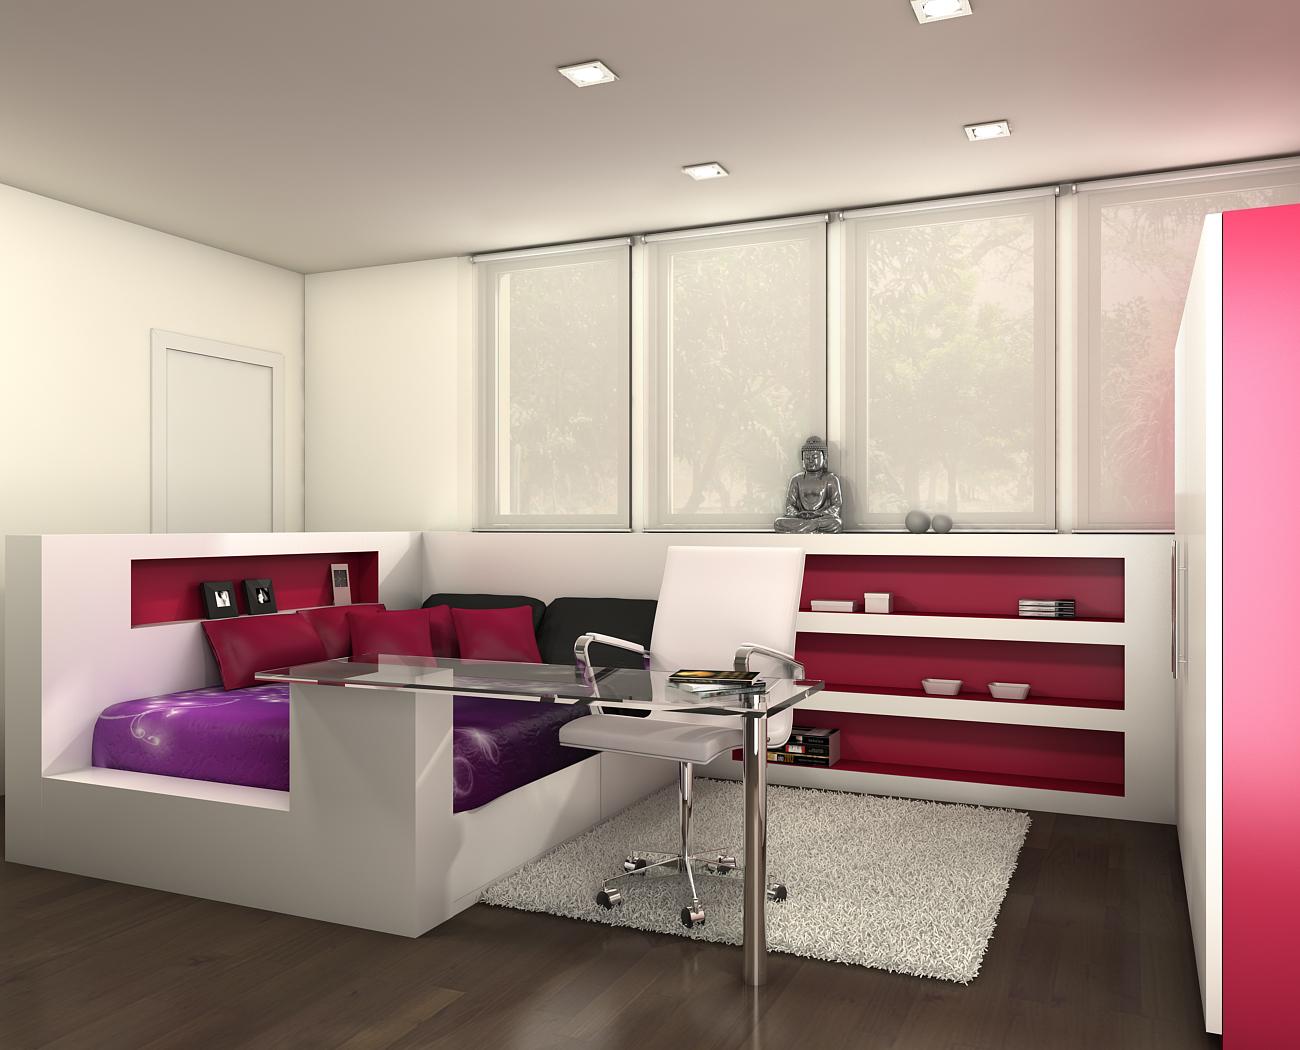 Atrezzo 3d habitaciones juveniles for Sofas para habitaciones juveniles